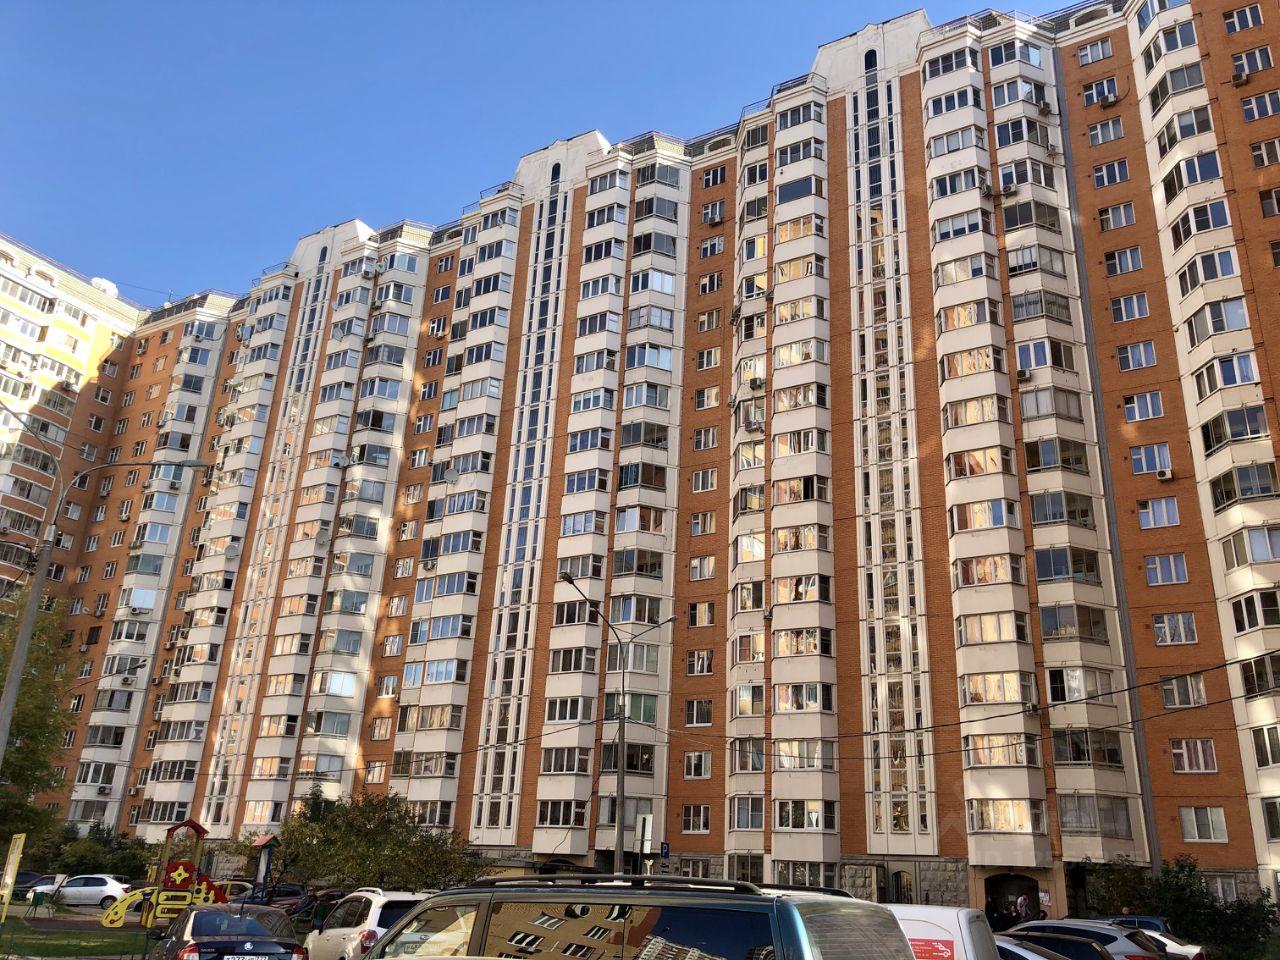 Купить однокомнатную квартиру 39м² Московская область, Балашиха, мкр. 1 мая, 37 м. Щелковская - база ЦИАН, объявление 242423610